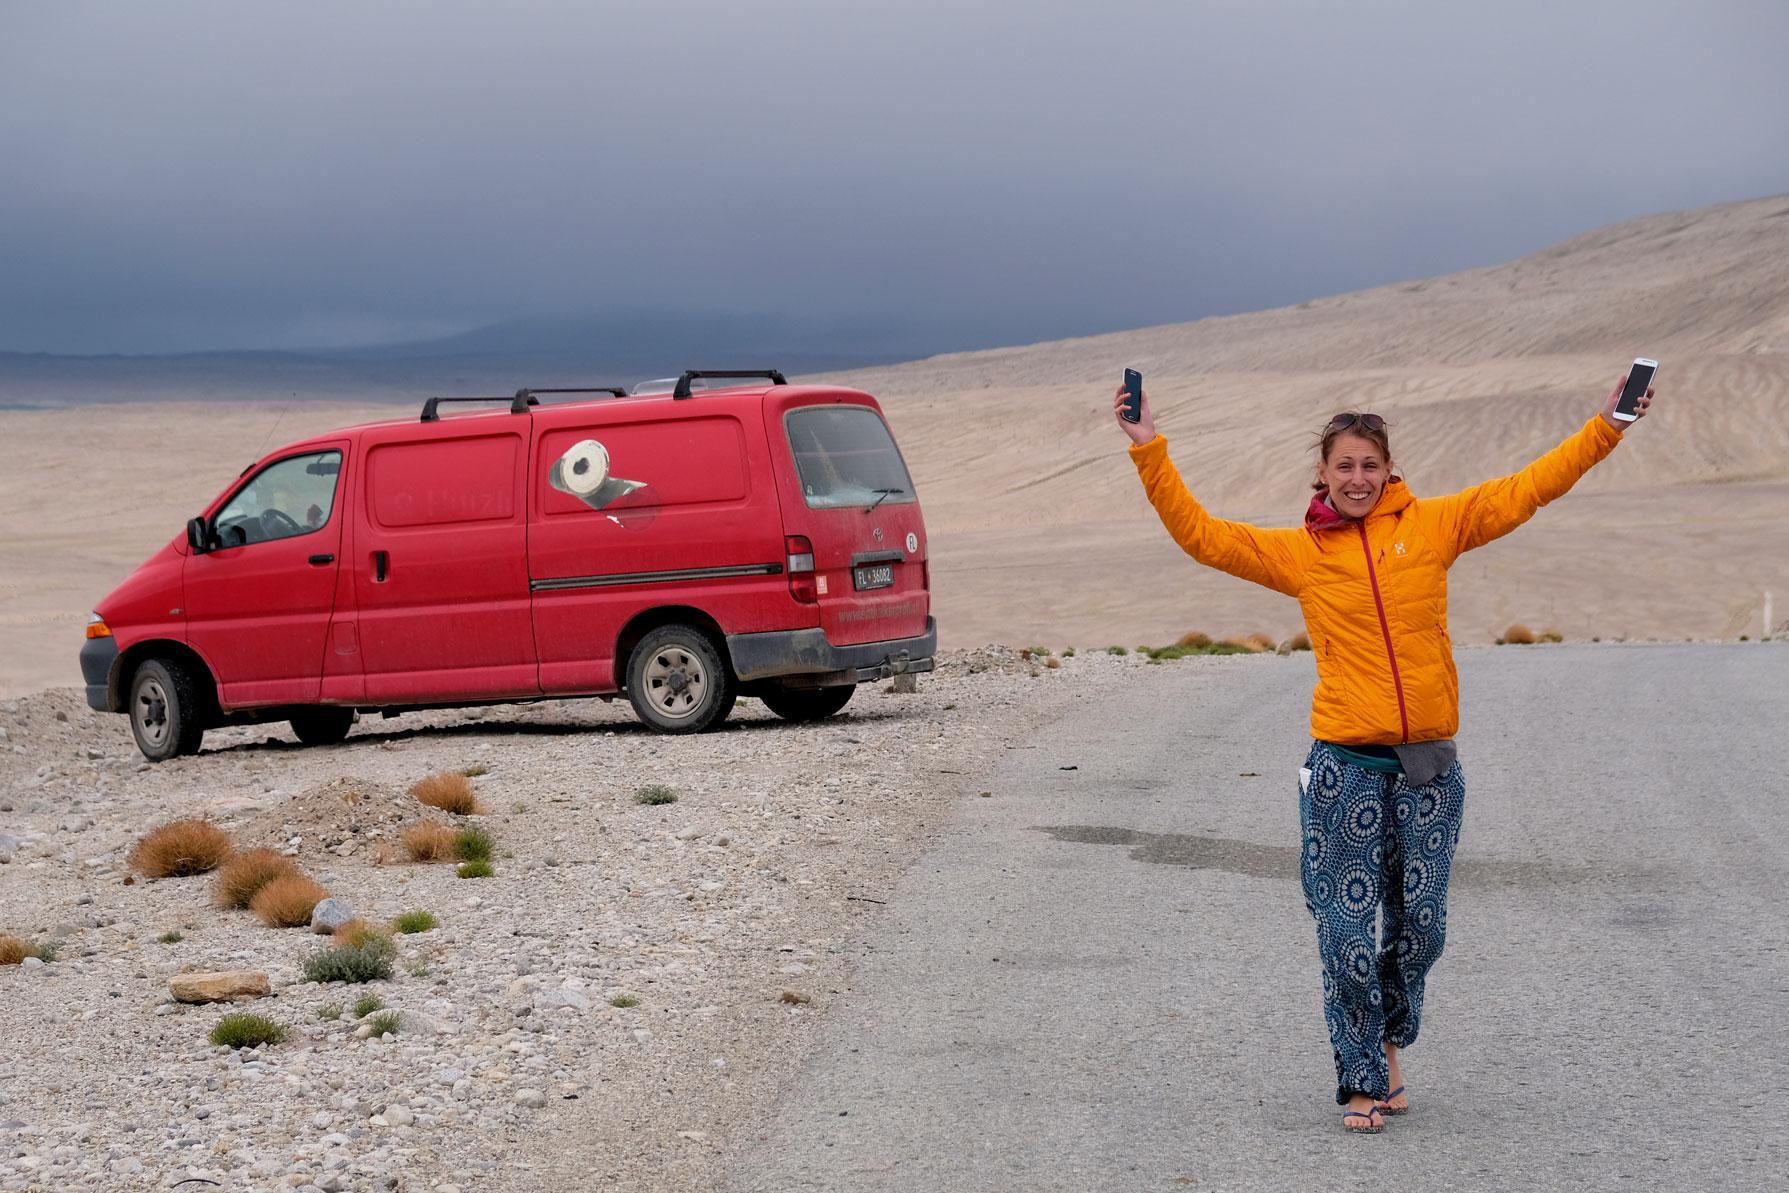 Leo hält zwei Handys in den Händen und streckt sich nach oben. Hinter ihr steht ein roter Kleintransporter am Straßenrand.